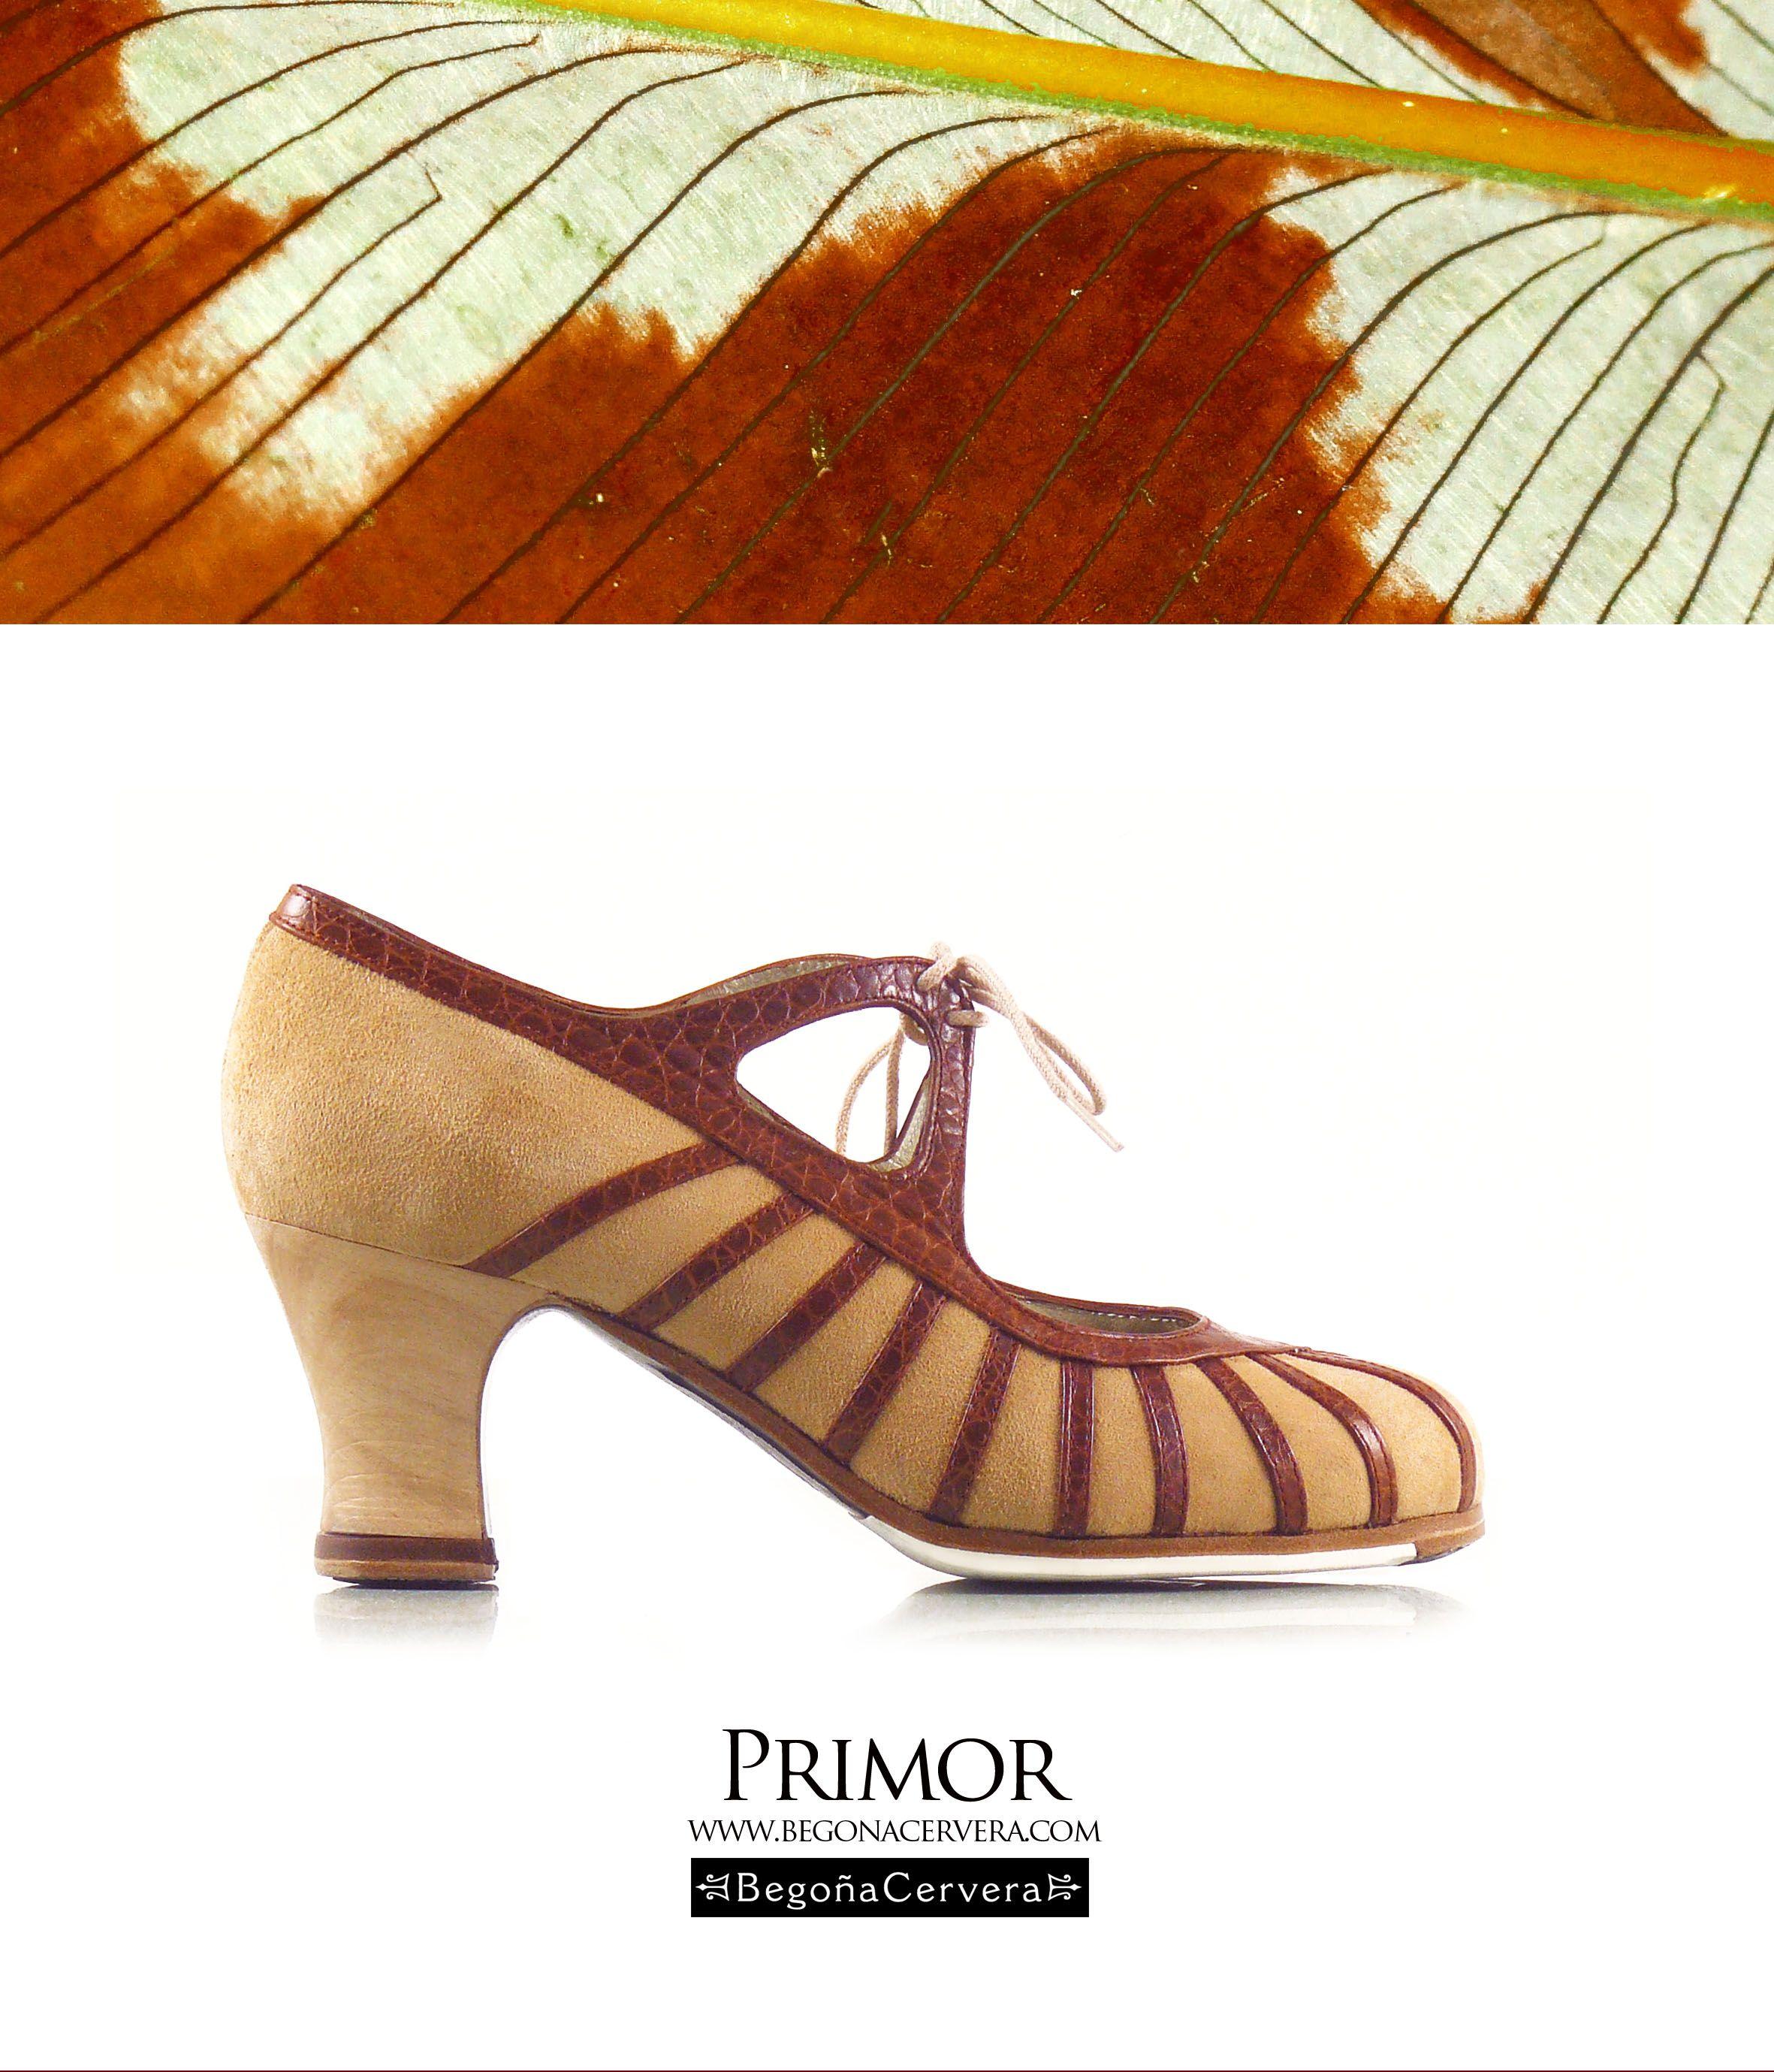 Primor. www.begonacervera.com